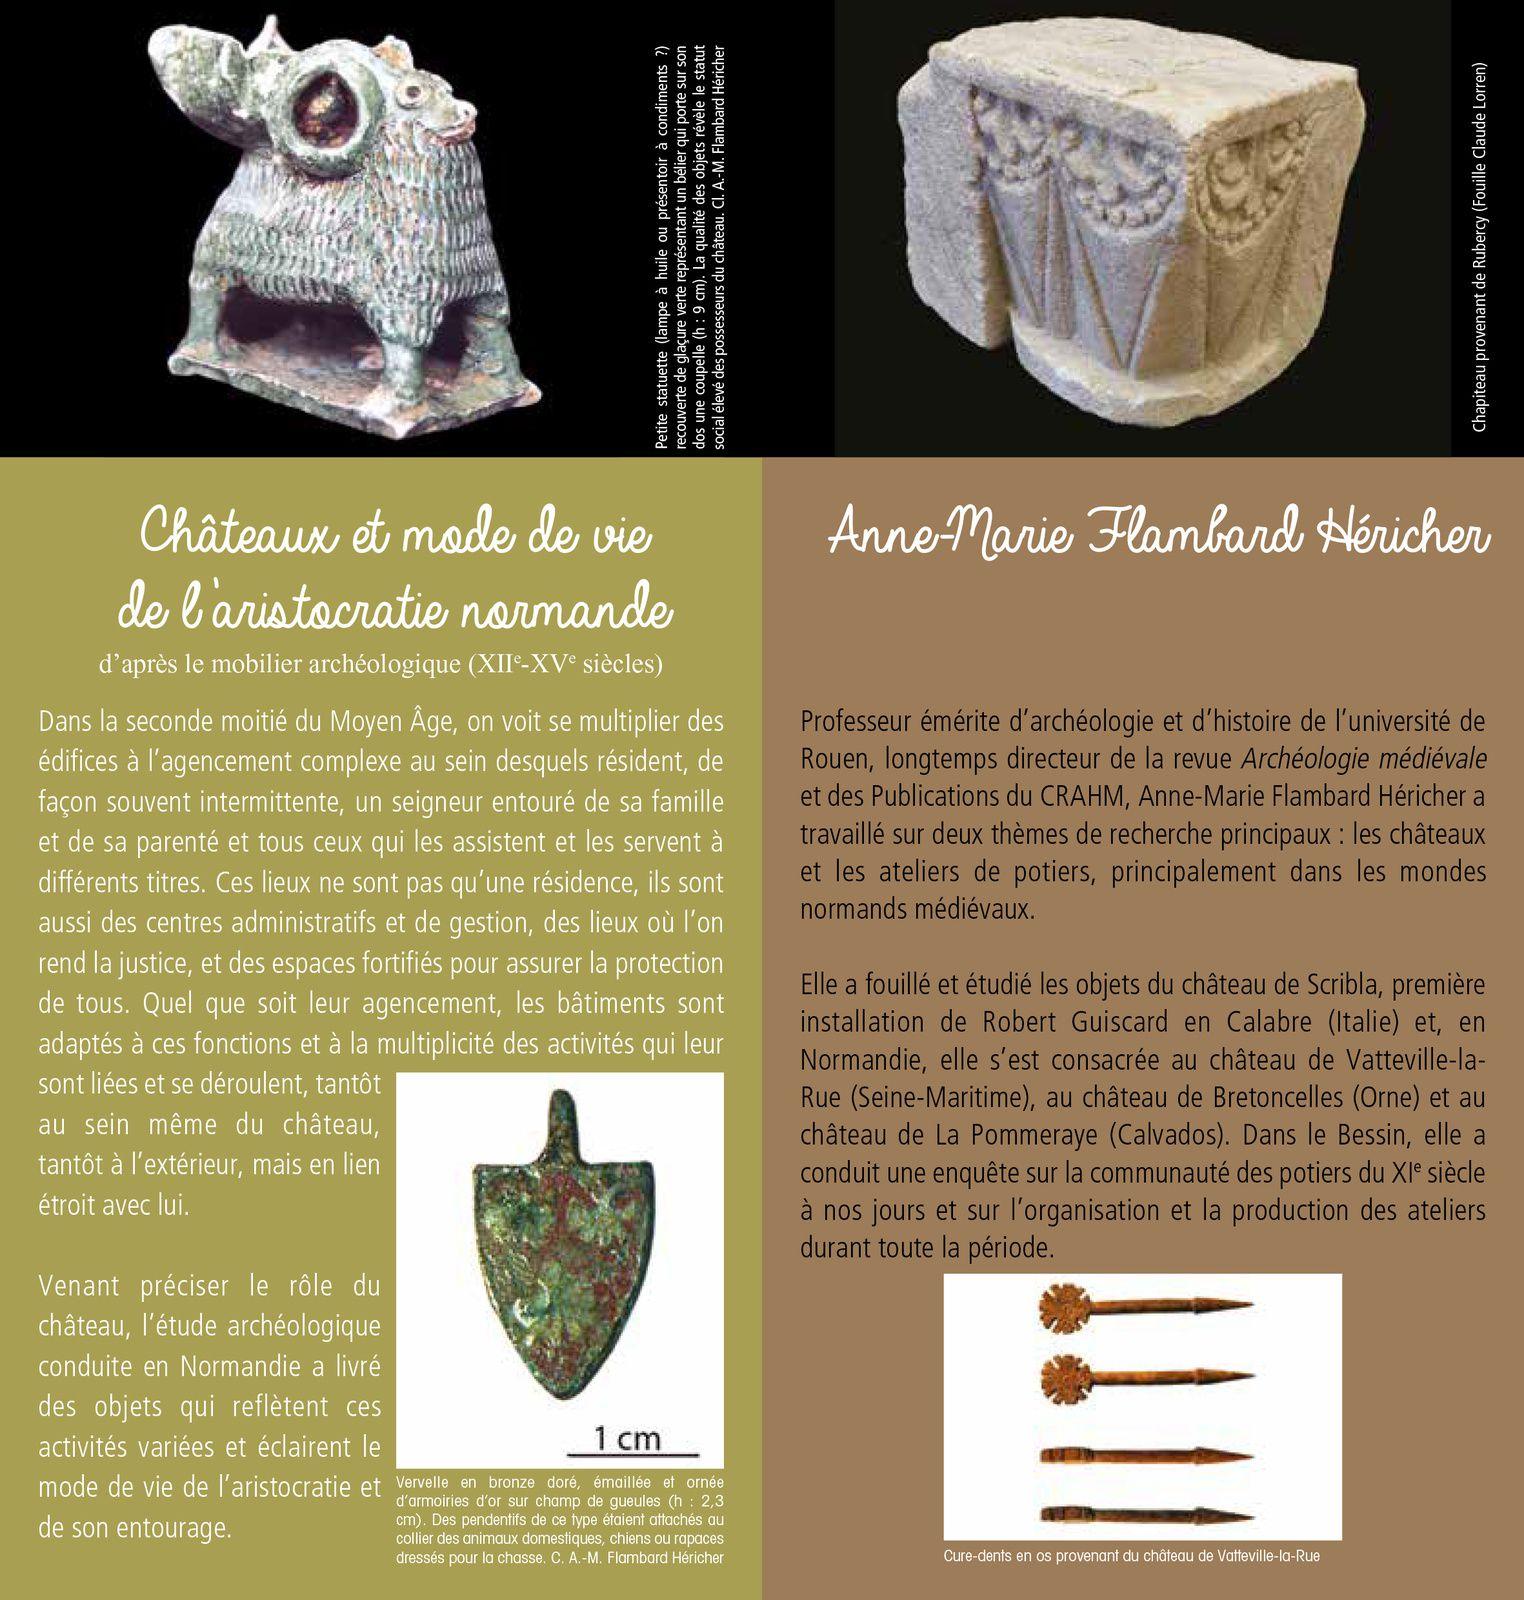 Châteaux et mode de vie de l'aristocratie normande d'après le mobilier archéologique (XIIe-XVe siècle) par Anne-Marie Flambard-Héricher